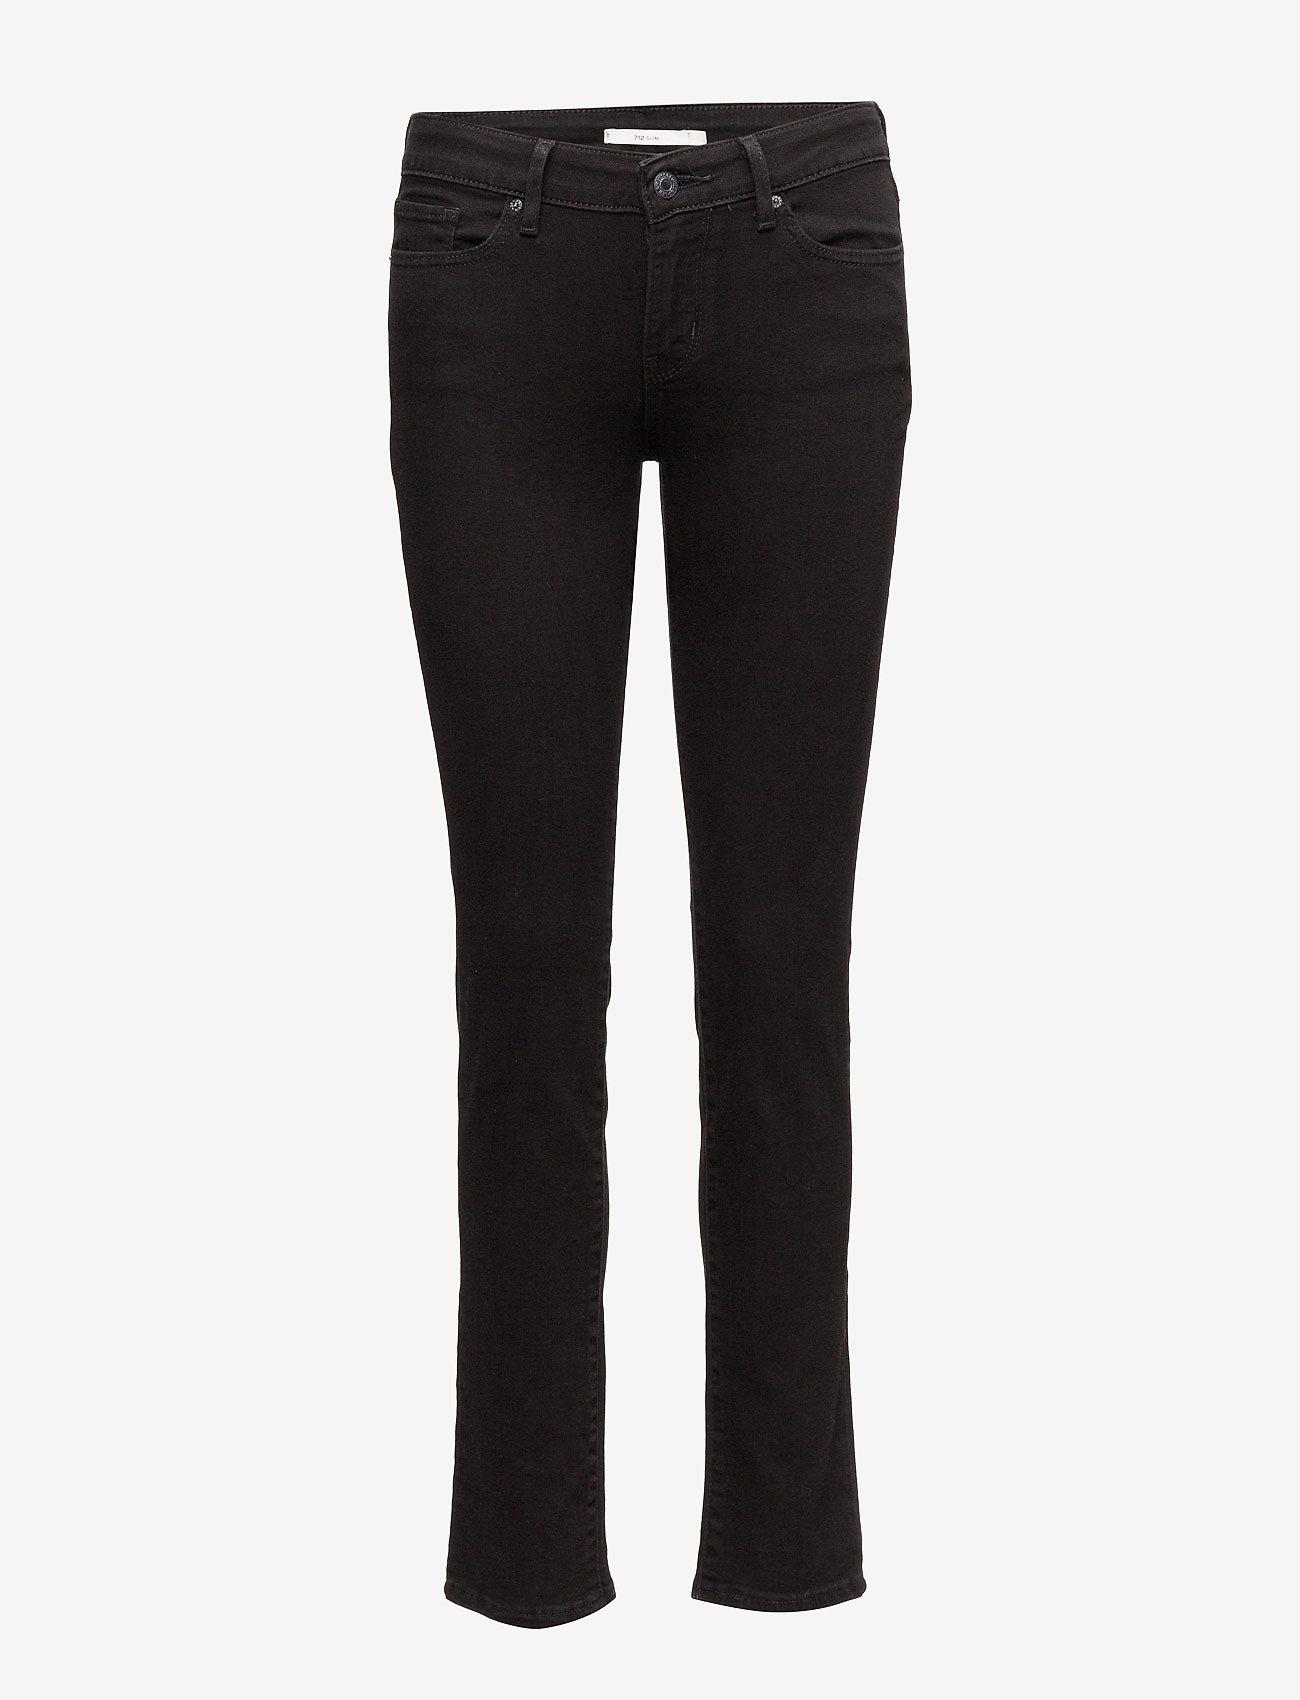 LEVI´S Women - 712 SLIM NIGHT IS BLACK - džinsa bikses ar tievām starām - blacks - 0